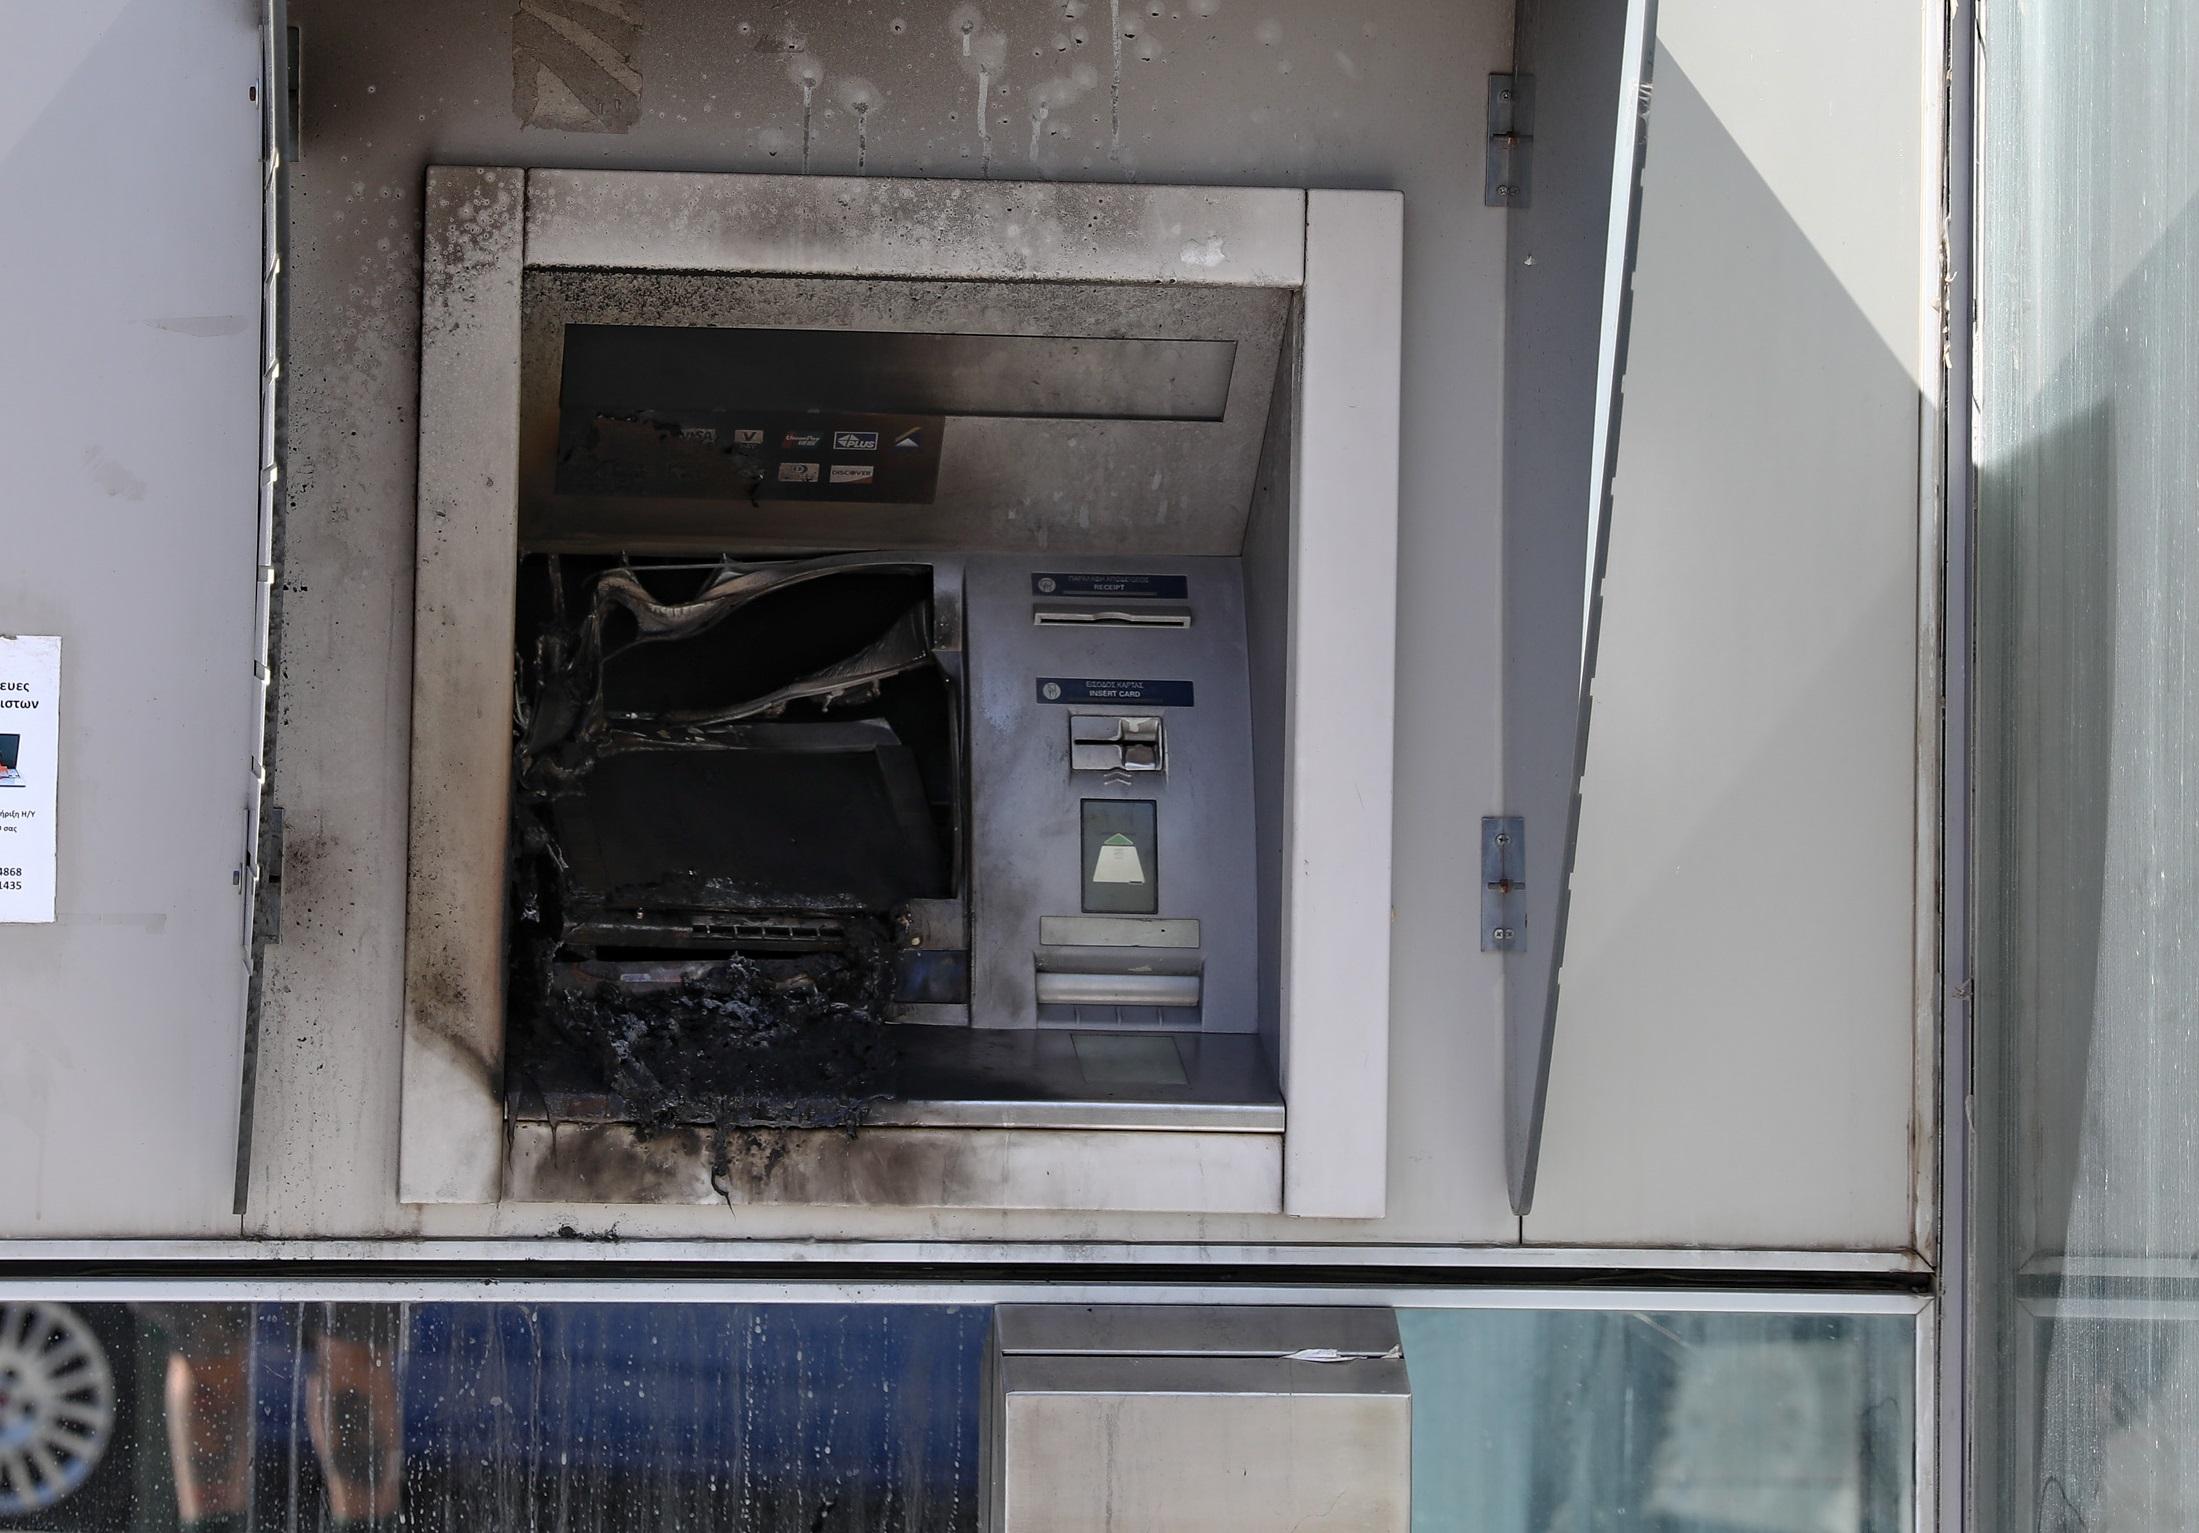 Μαρούσι: Ανατίναξη δύο ATM σε εμπορικό κέντρο